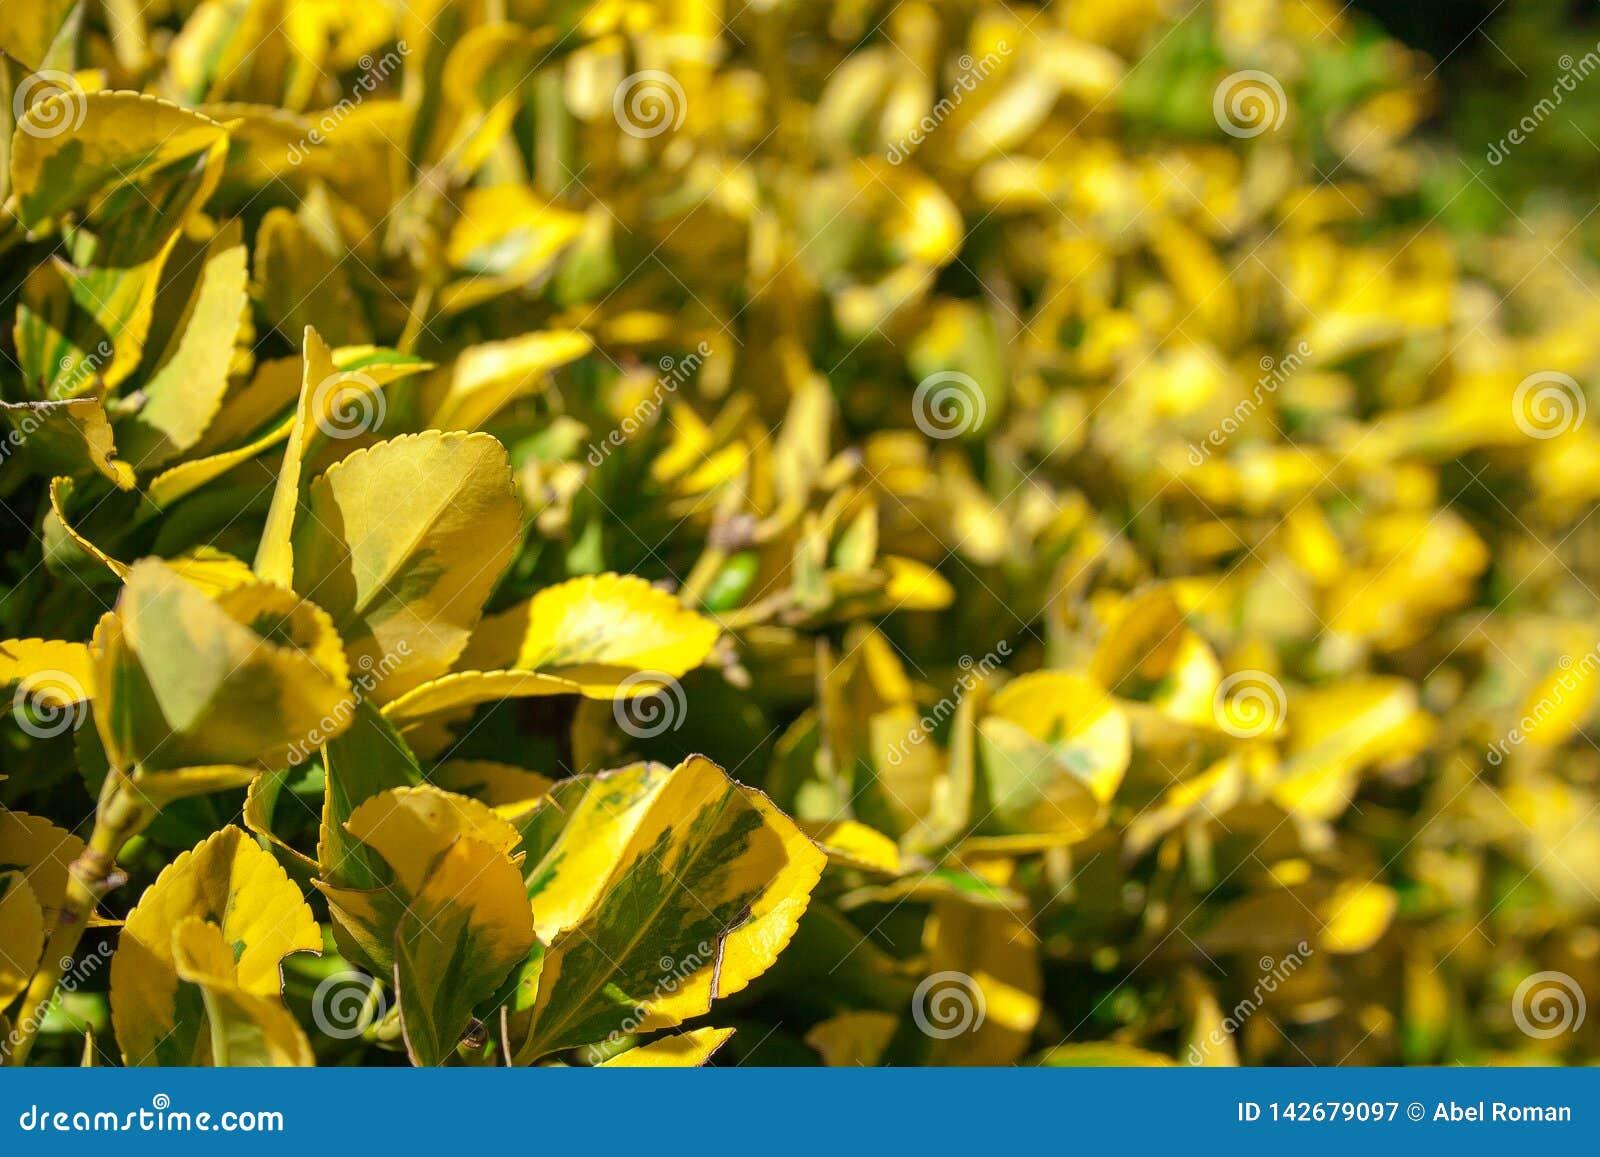 Algum arbusto sae amarelo e verde